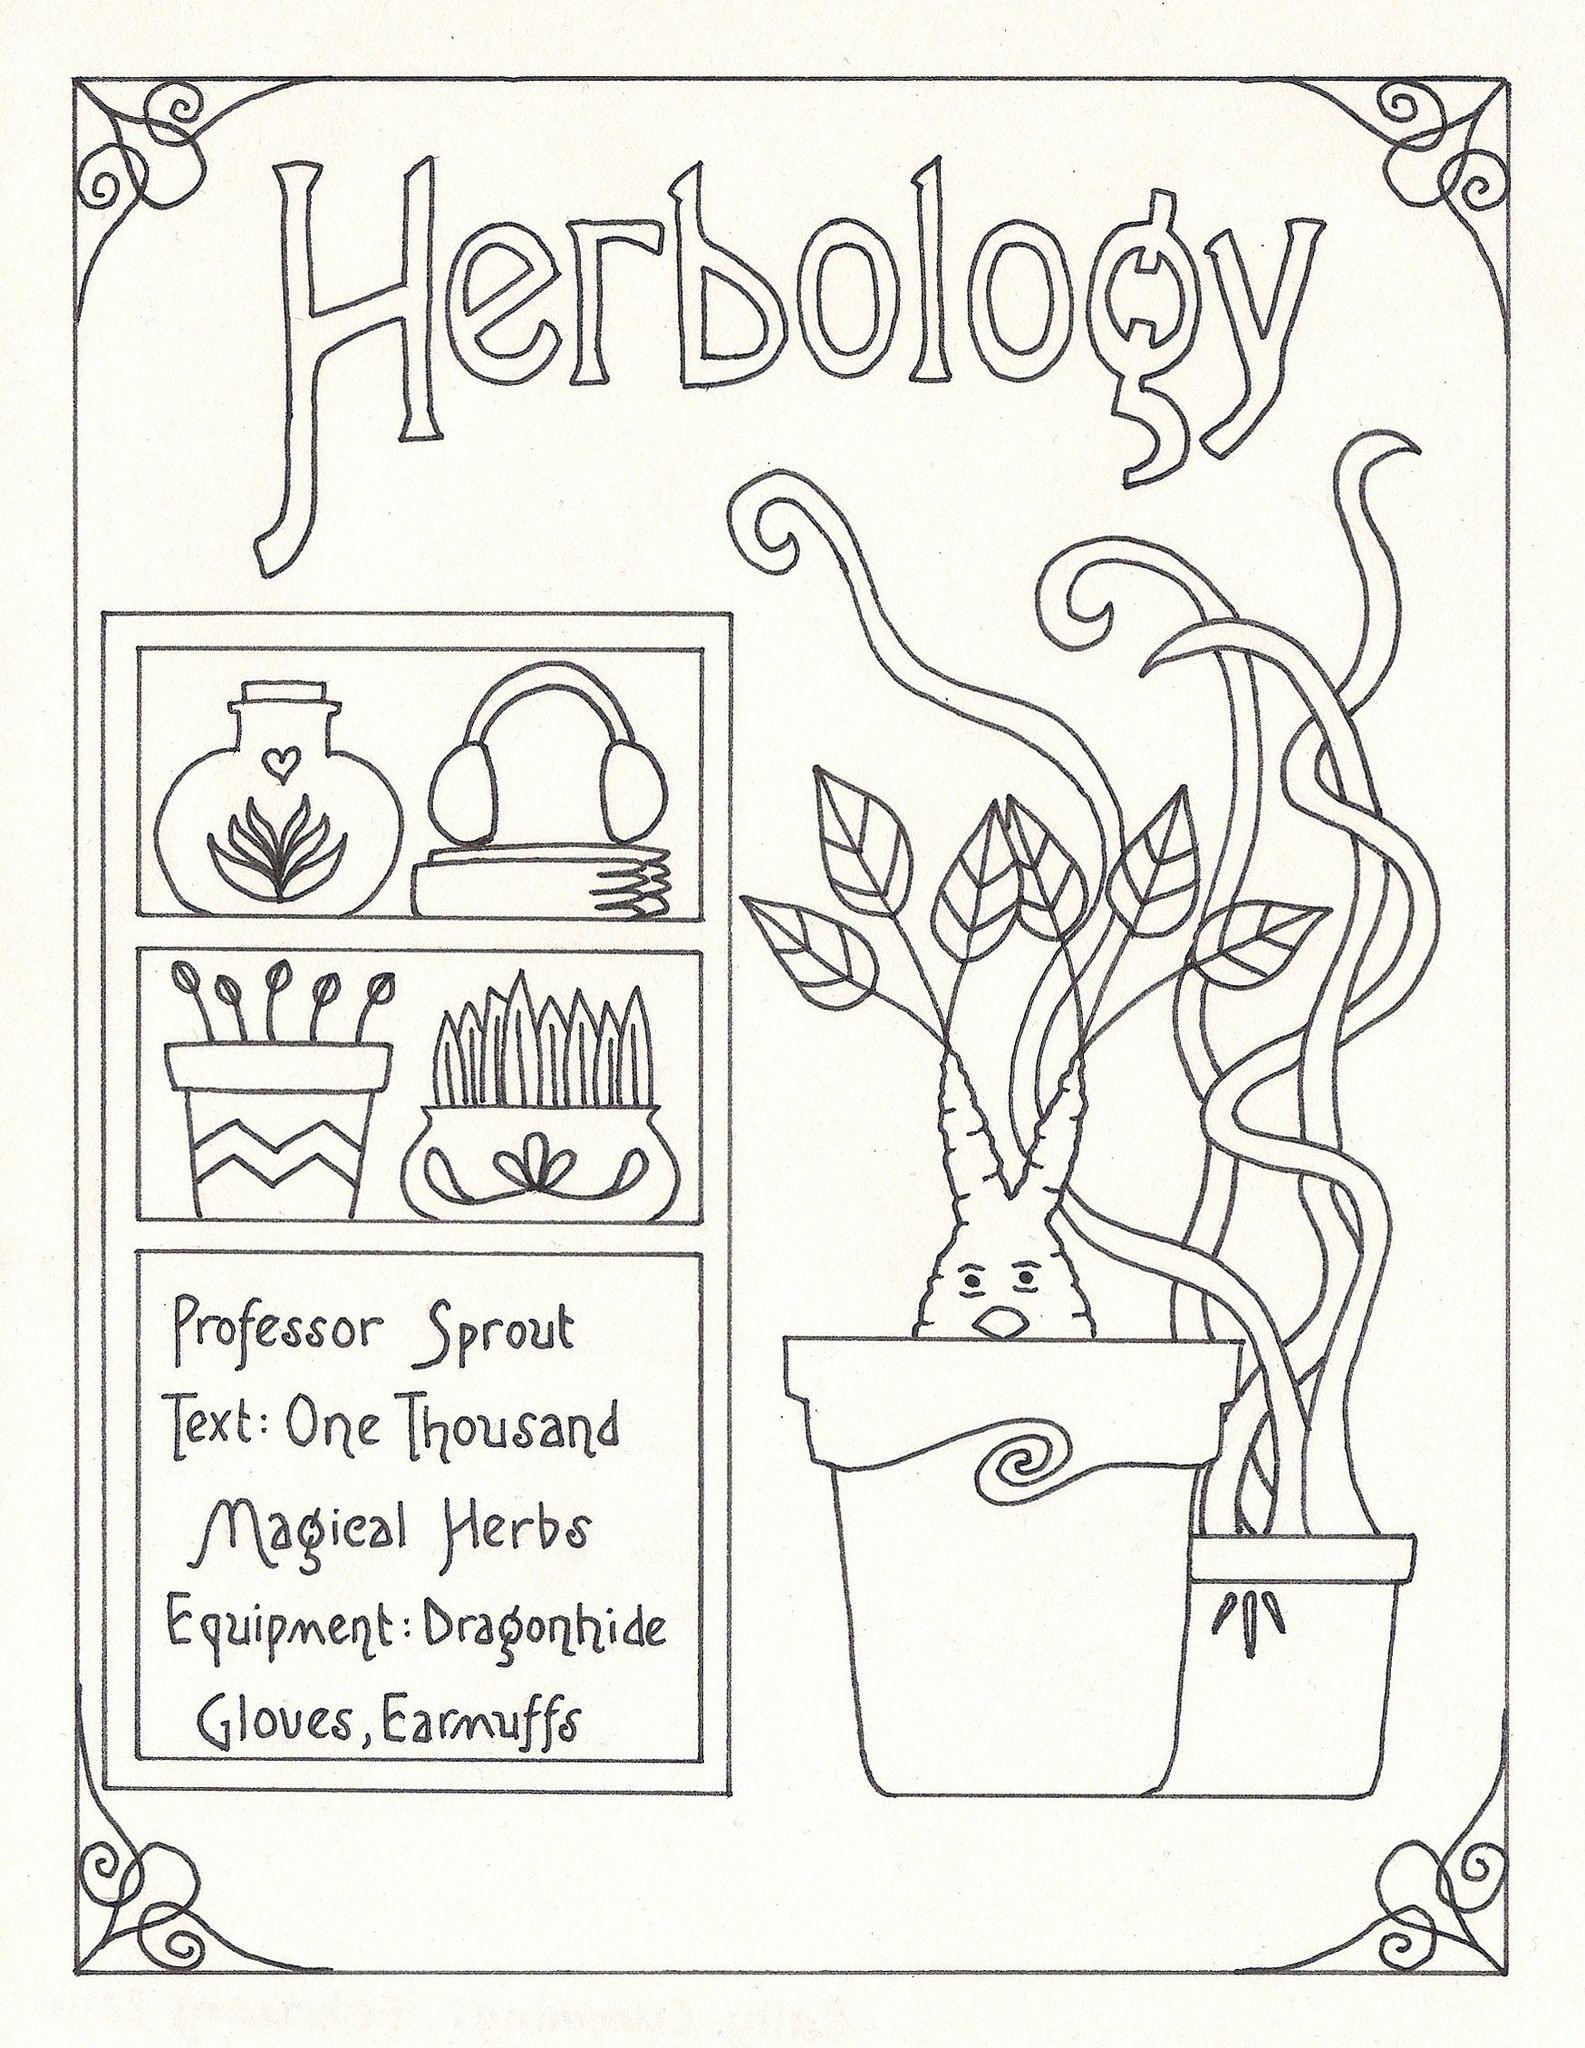 Harry Potter Subject Guide Art Nouveau Style